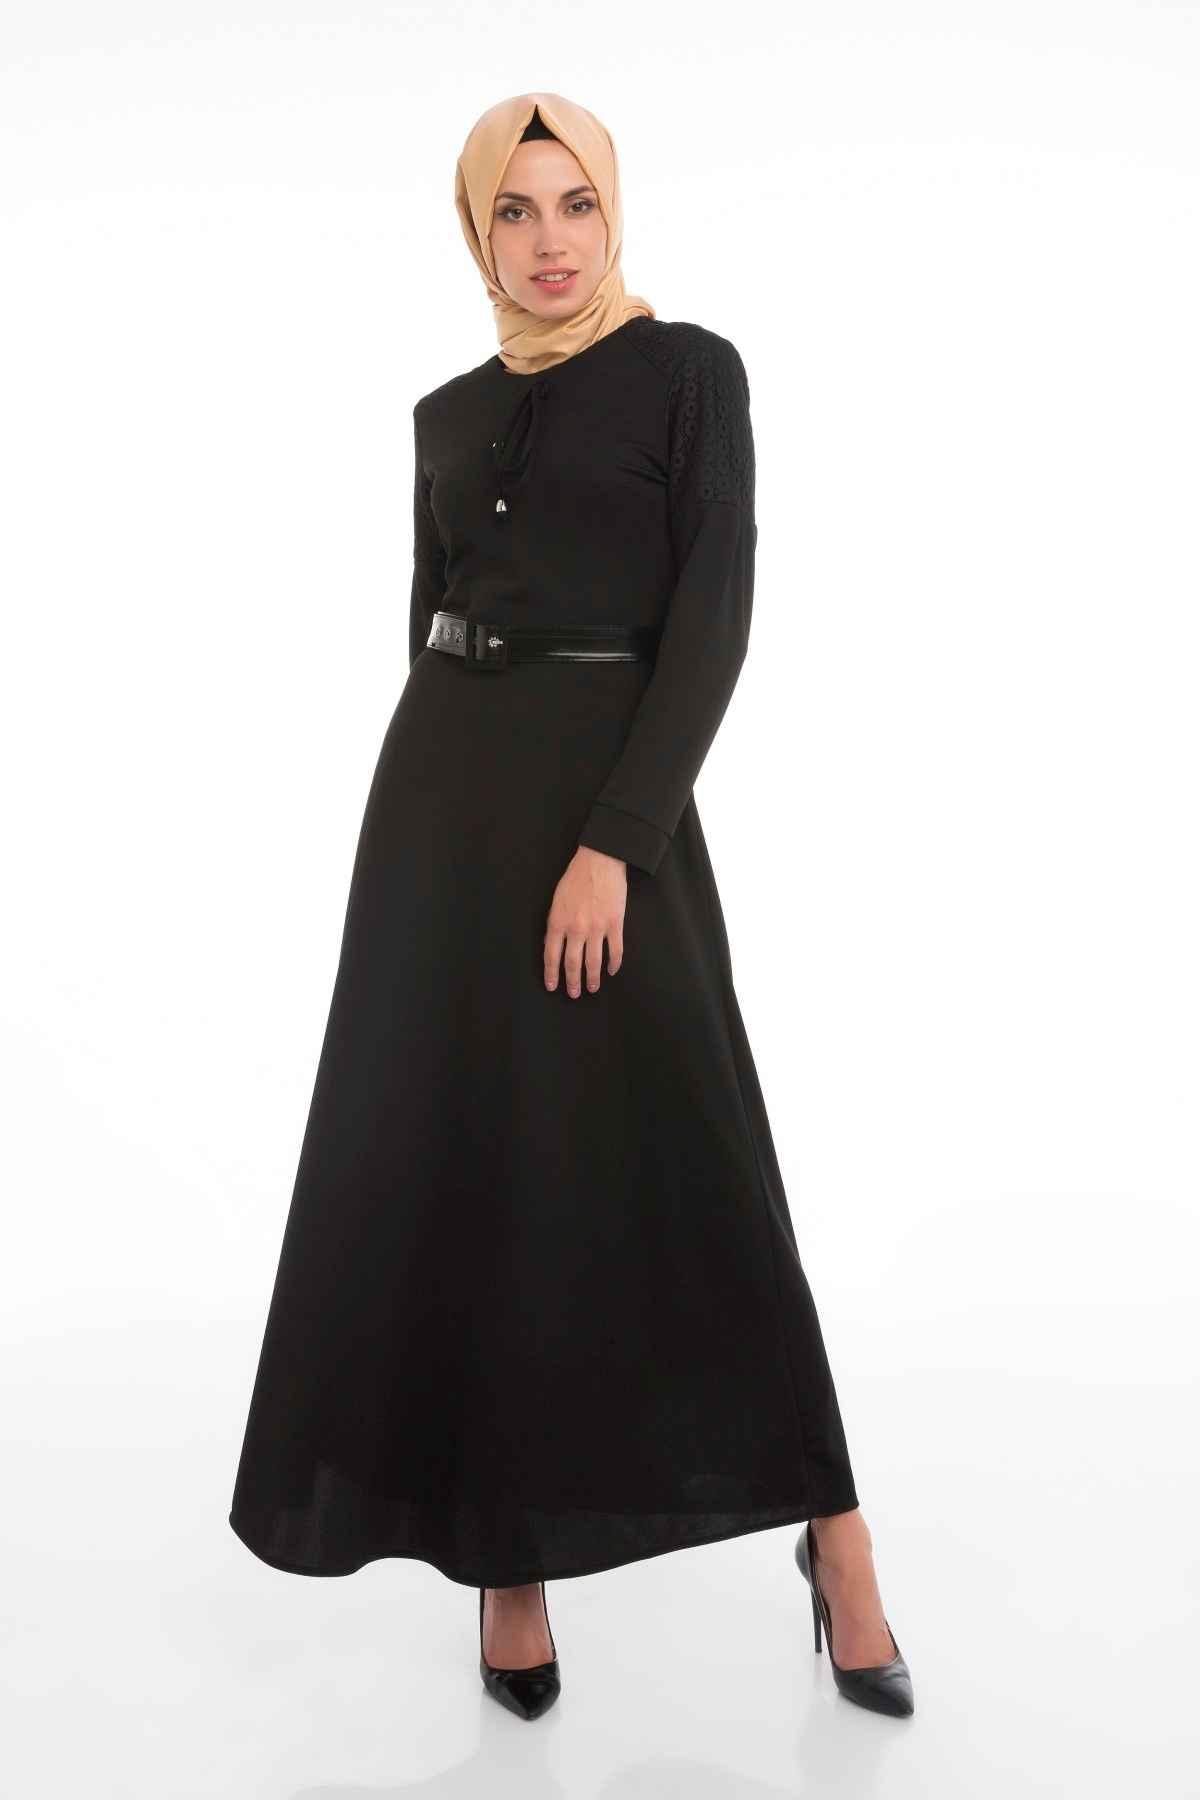 Patırtı Deri Kemerli Tesettür Elbise Modelleri